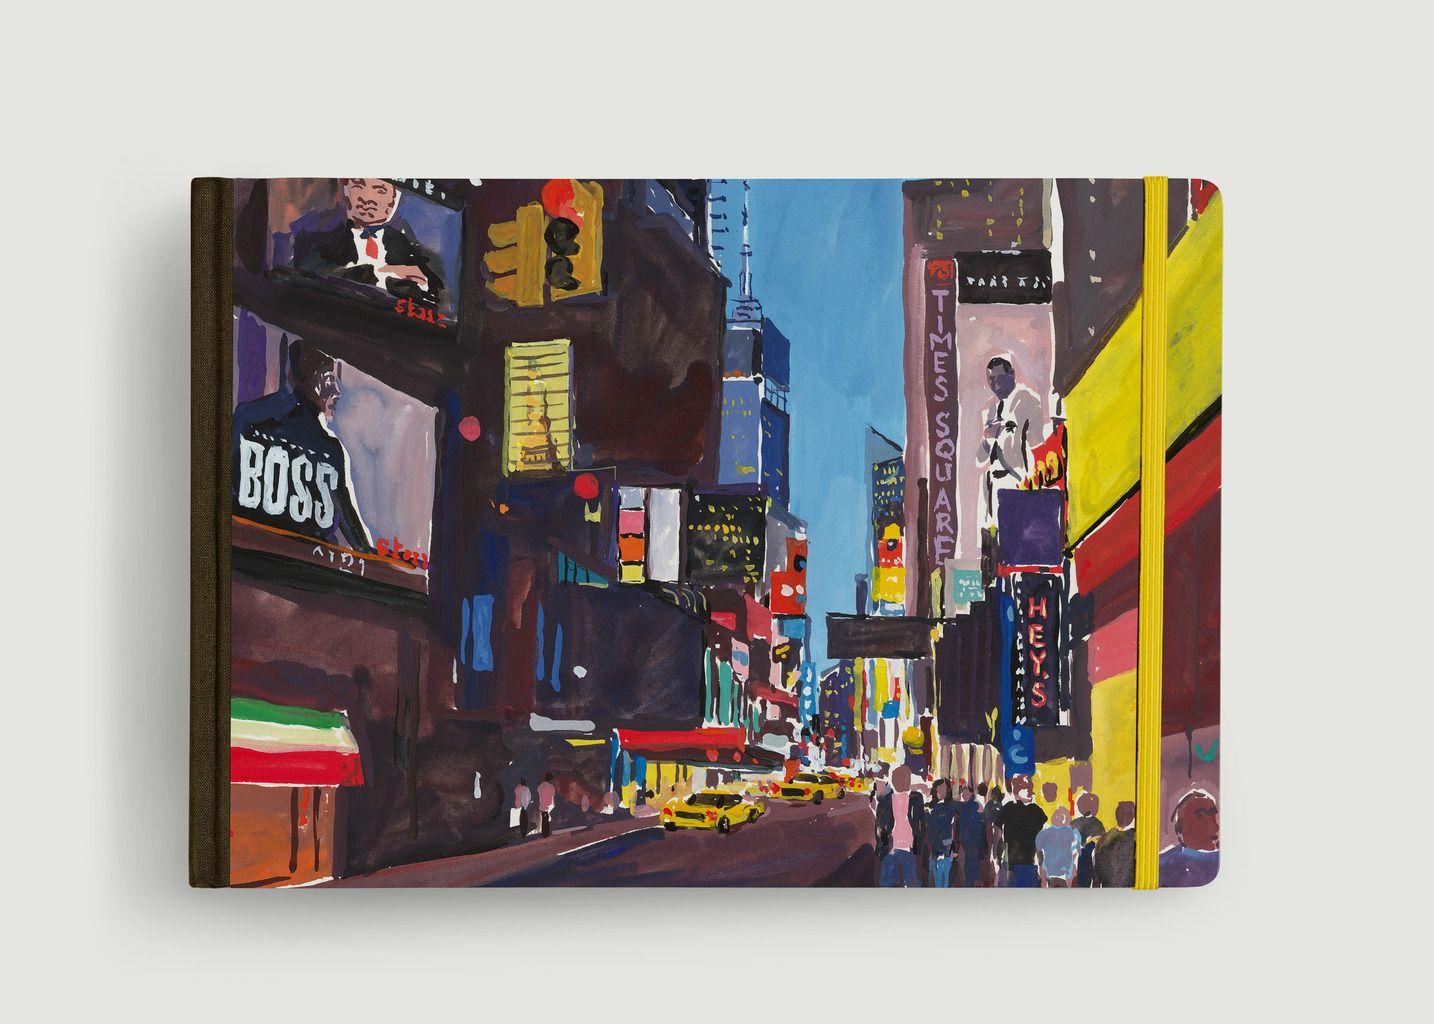 Livre Travel Book New York - Louis Vuitton Travel Book